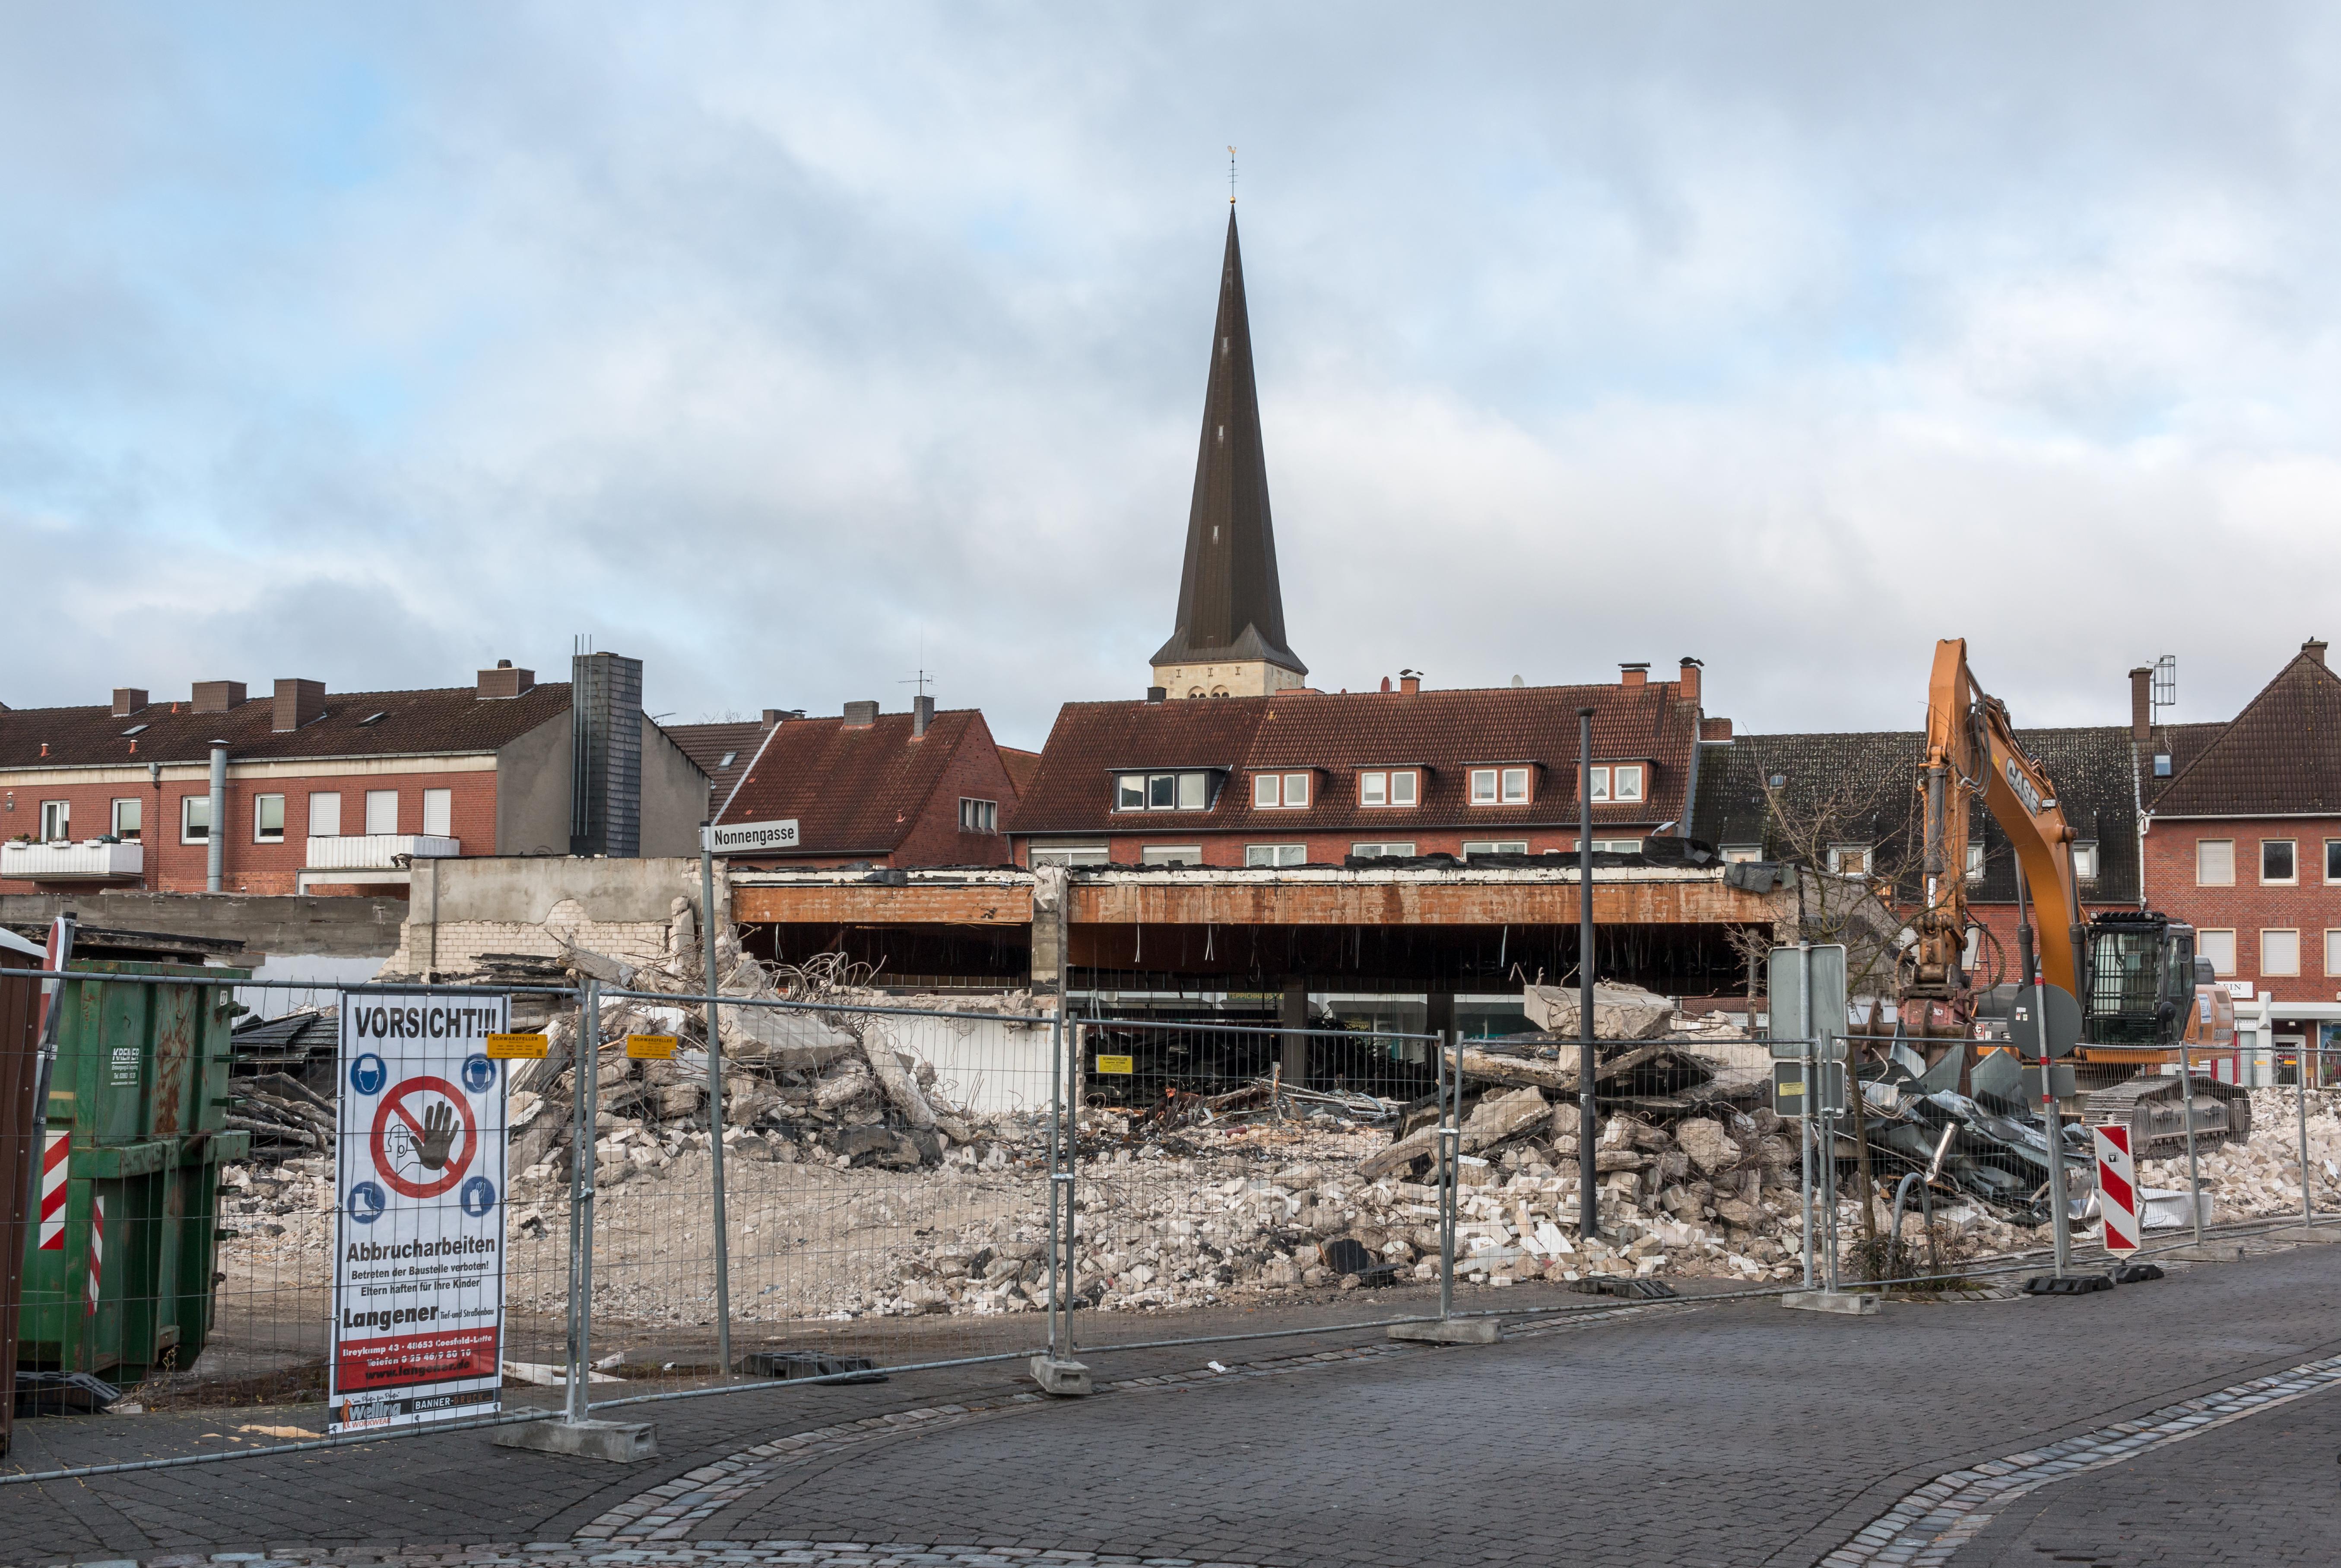 File:Dülmen, Abbrucharbeiten ehem. KiK-Gebäude -- 2016 -- 1413